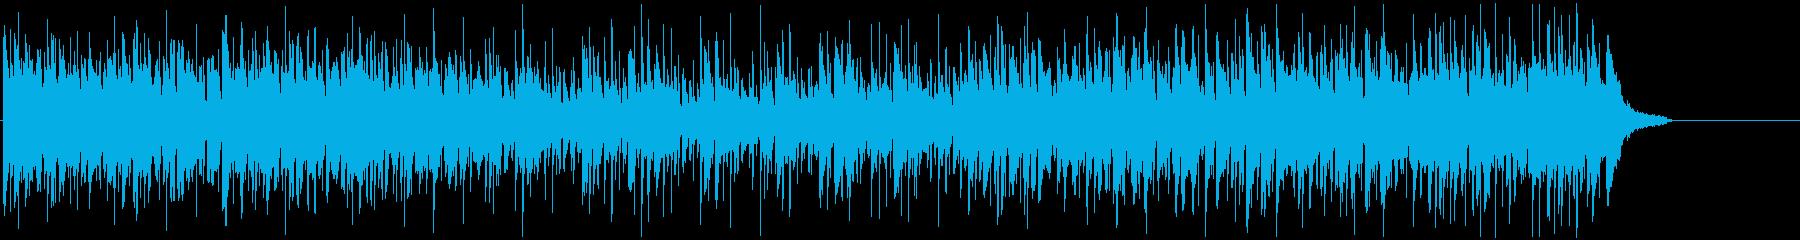 ボサノバ おしゃれ ティータイムの再生済みの波形